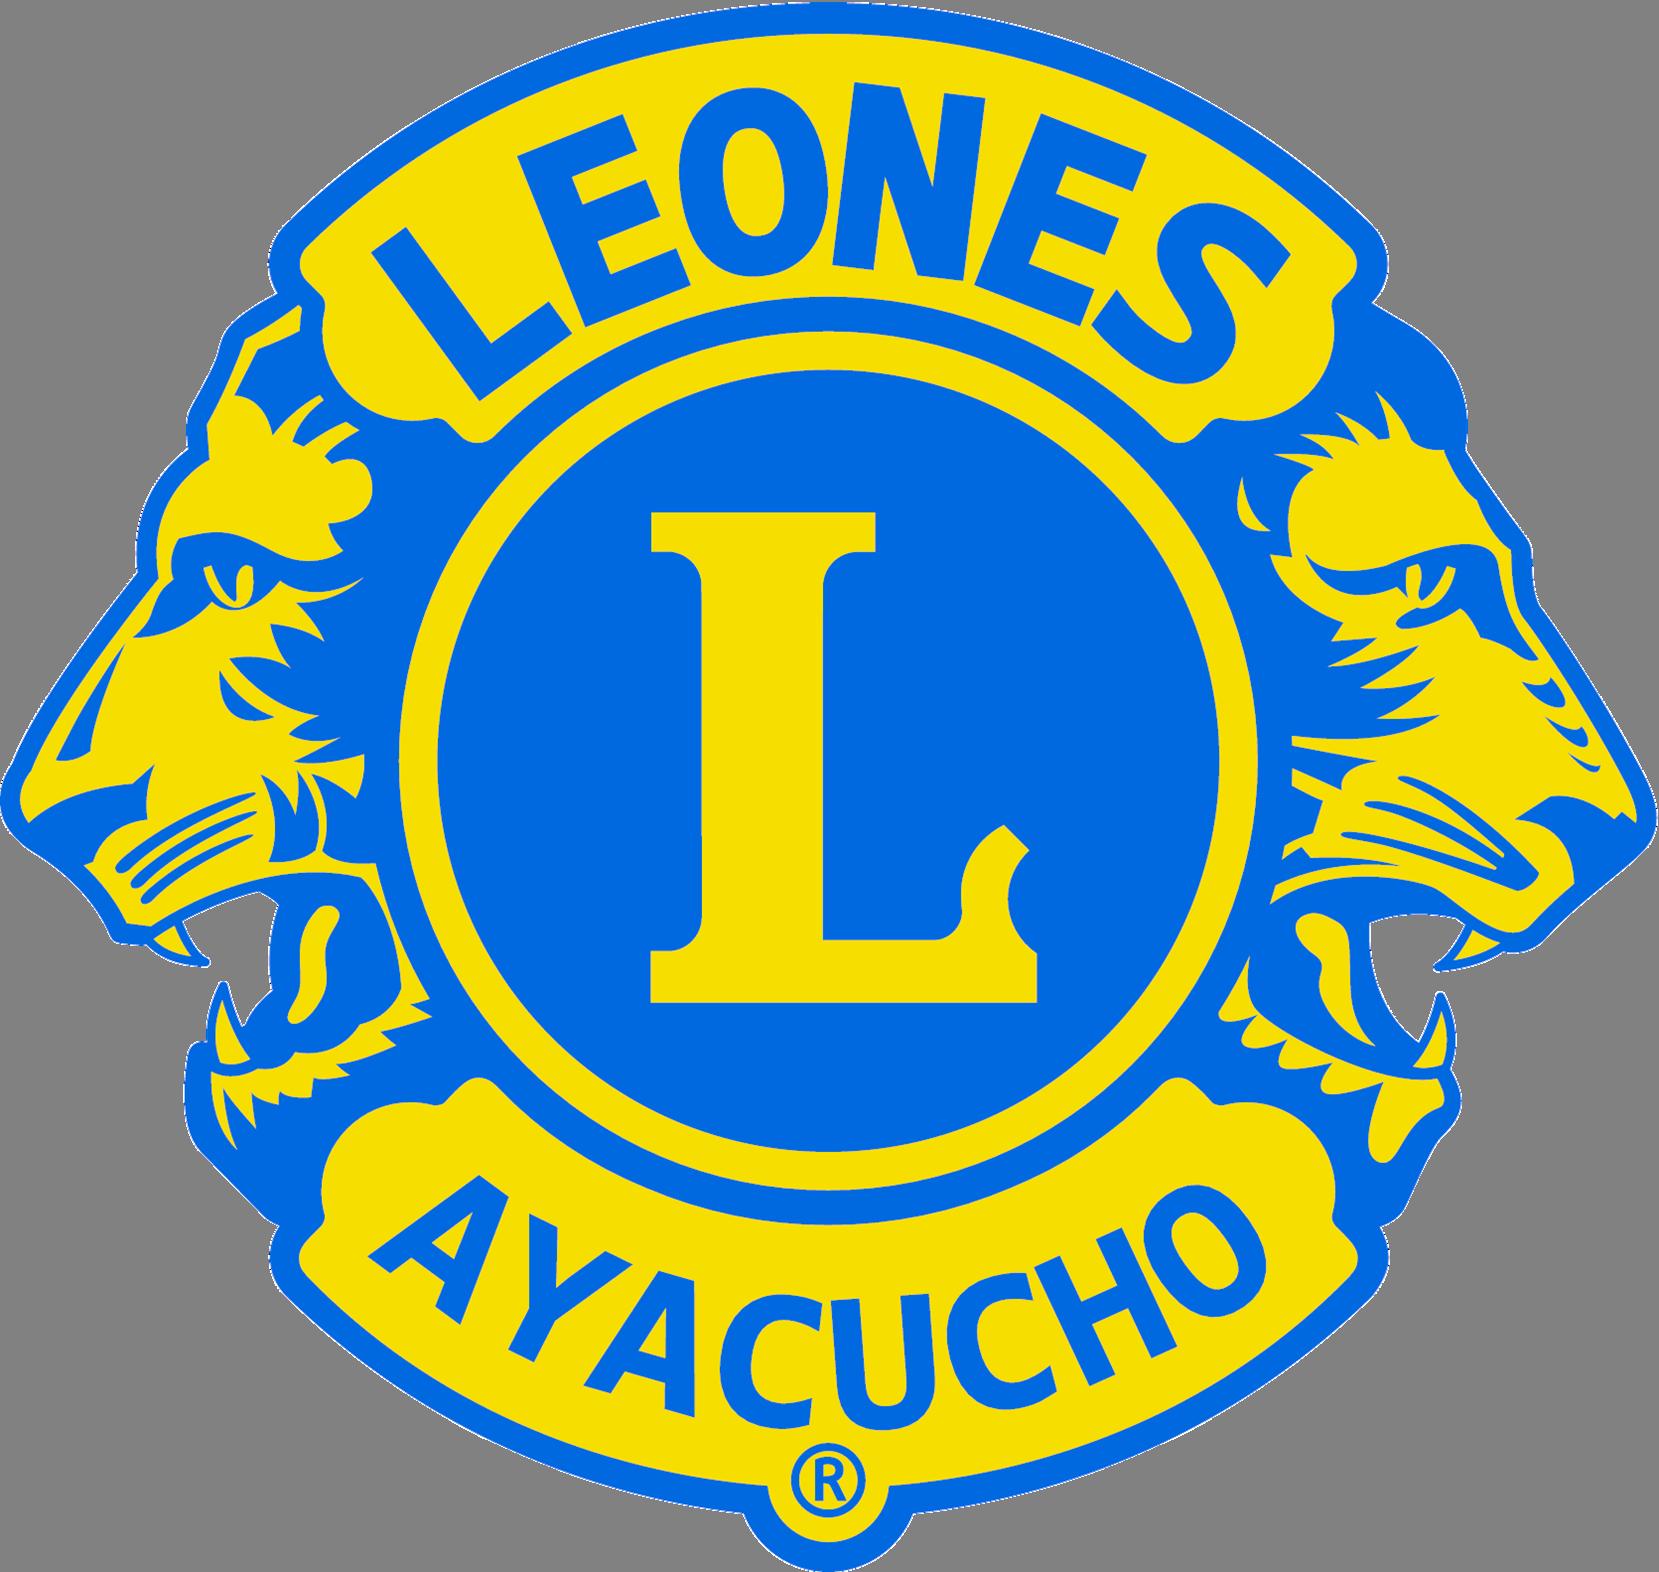 Club de Leones de Ayacucho